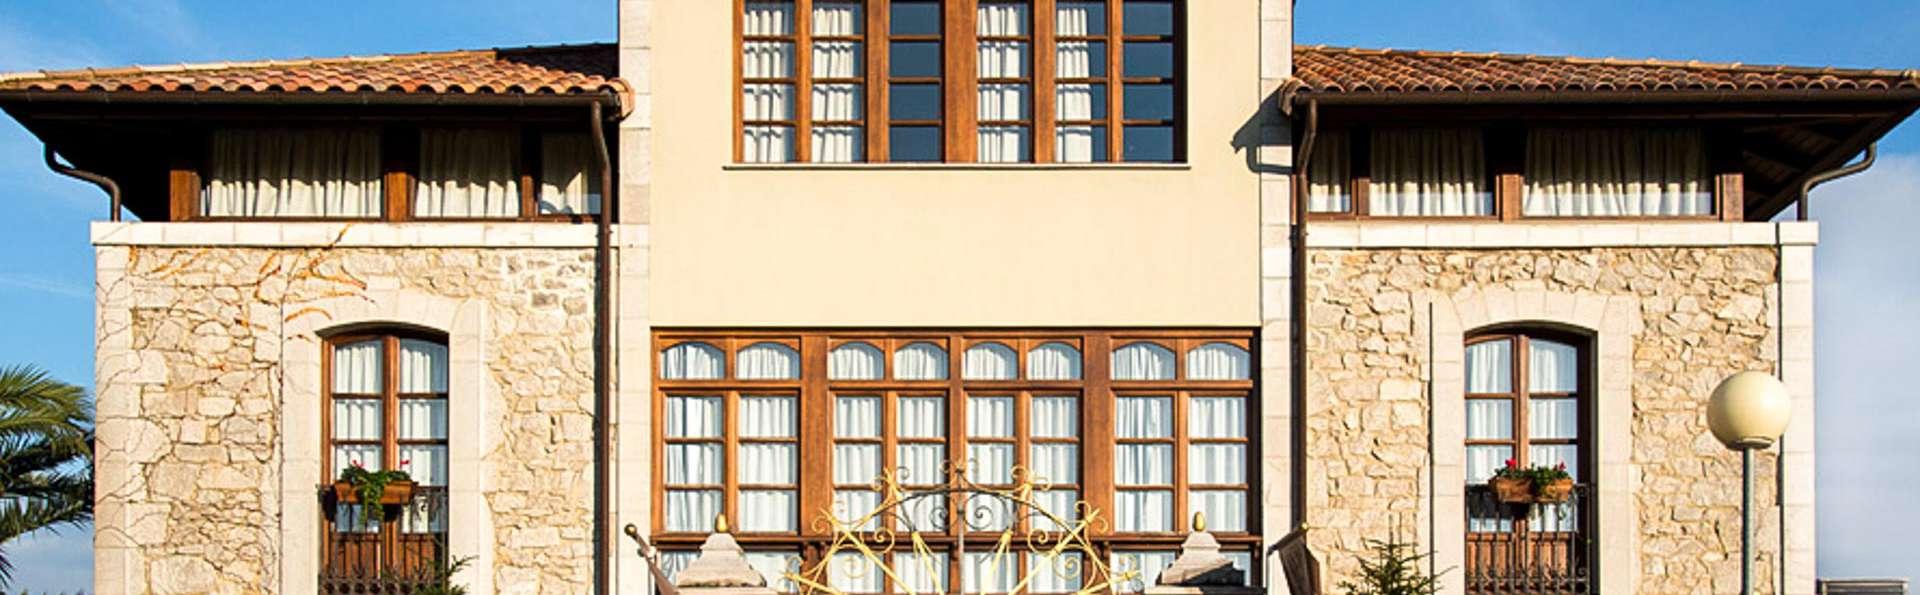 Hotel Villadesella - EDIT_FRONT_01.jpg